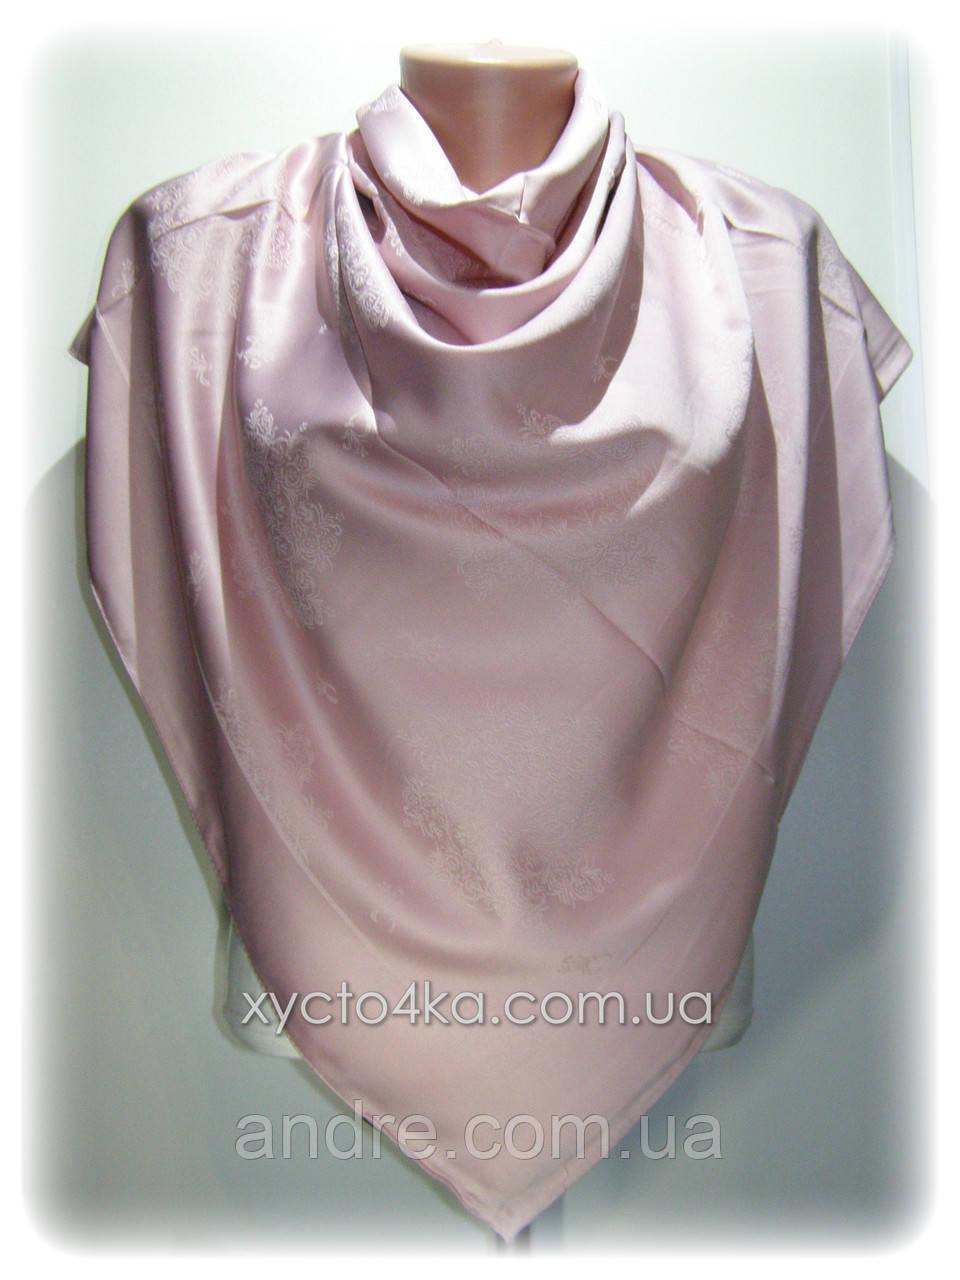 Двусторонний шелковый платок Хамелеон, розовый